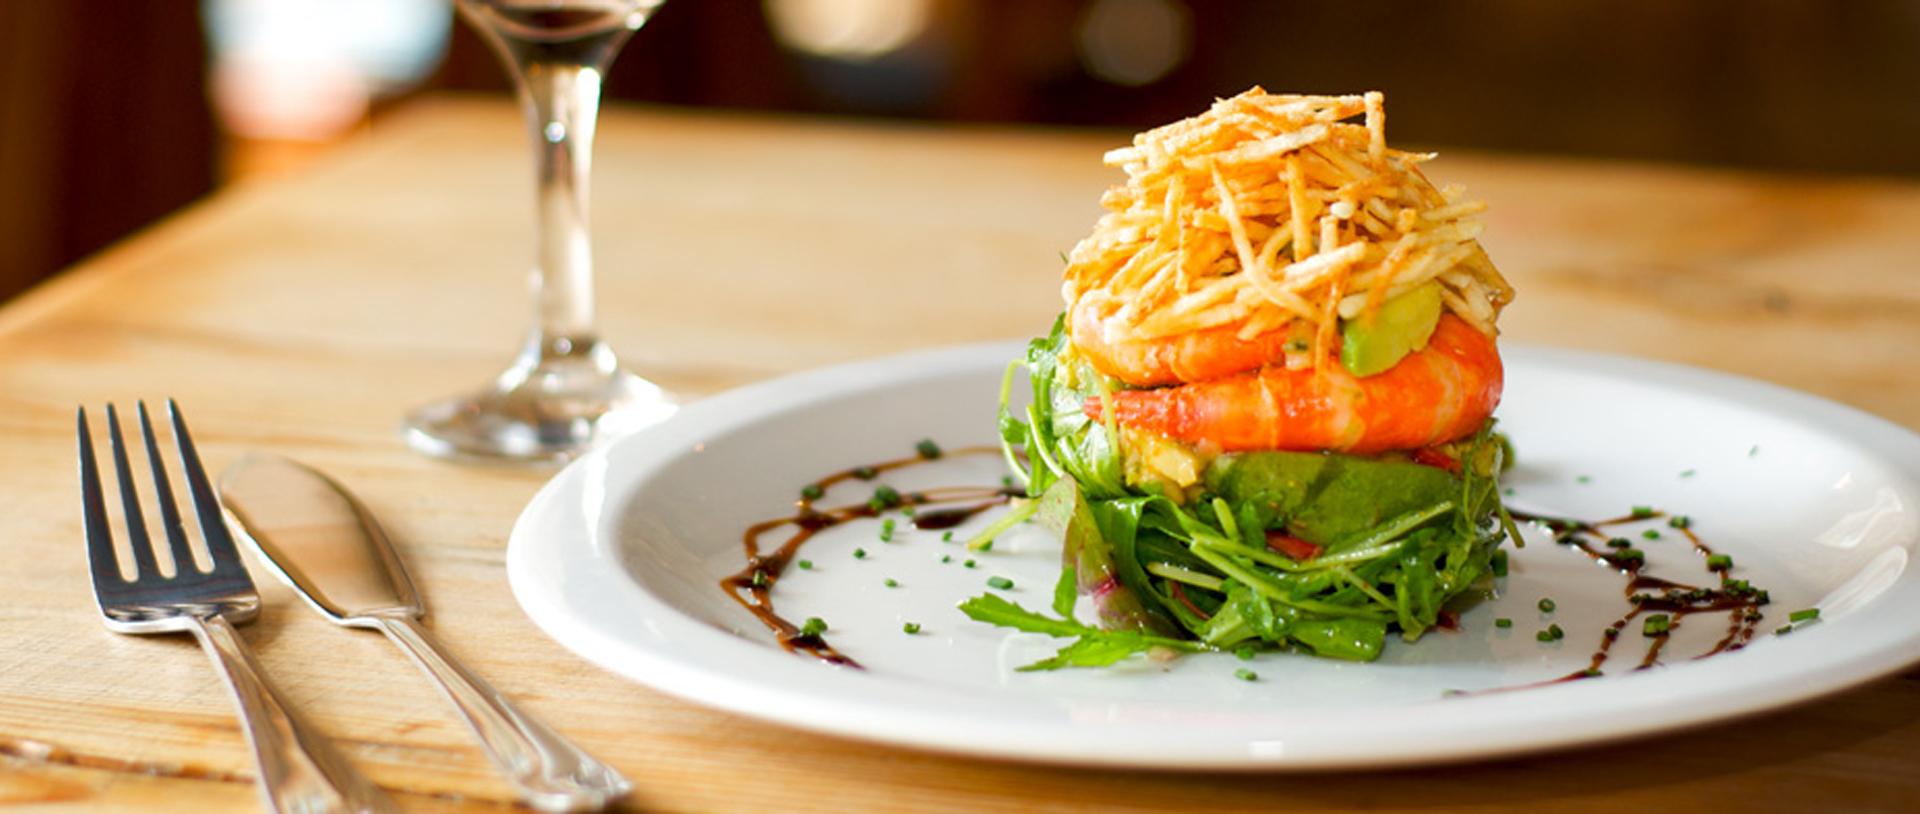 catering-banqueting-ricevimenti-vicenza-matrimonio-eventi-aziendali-cene-buffet1